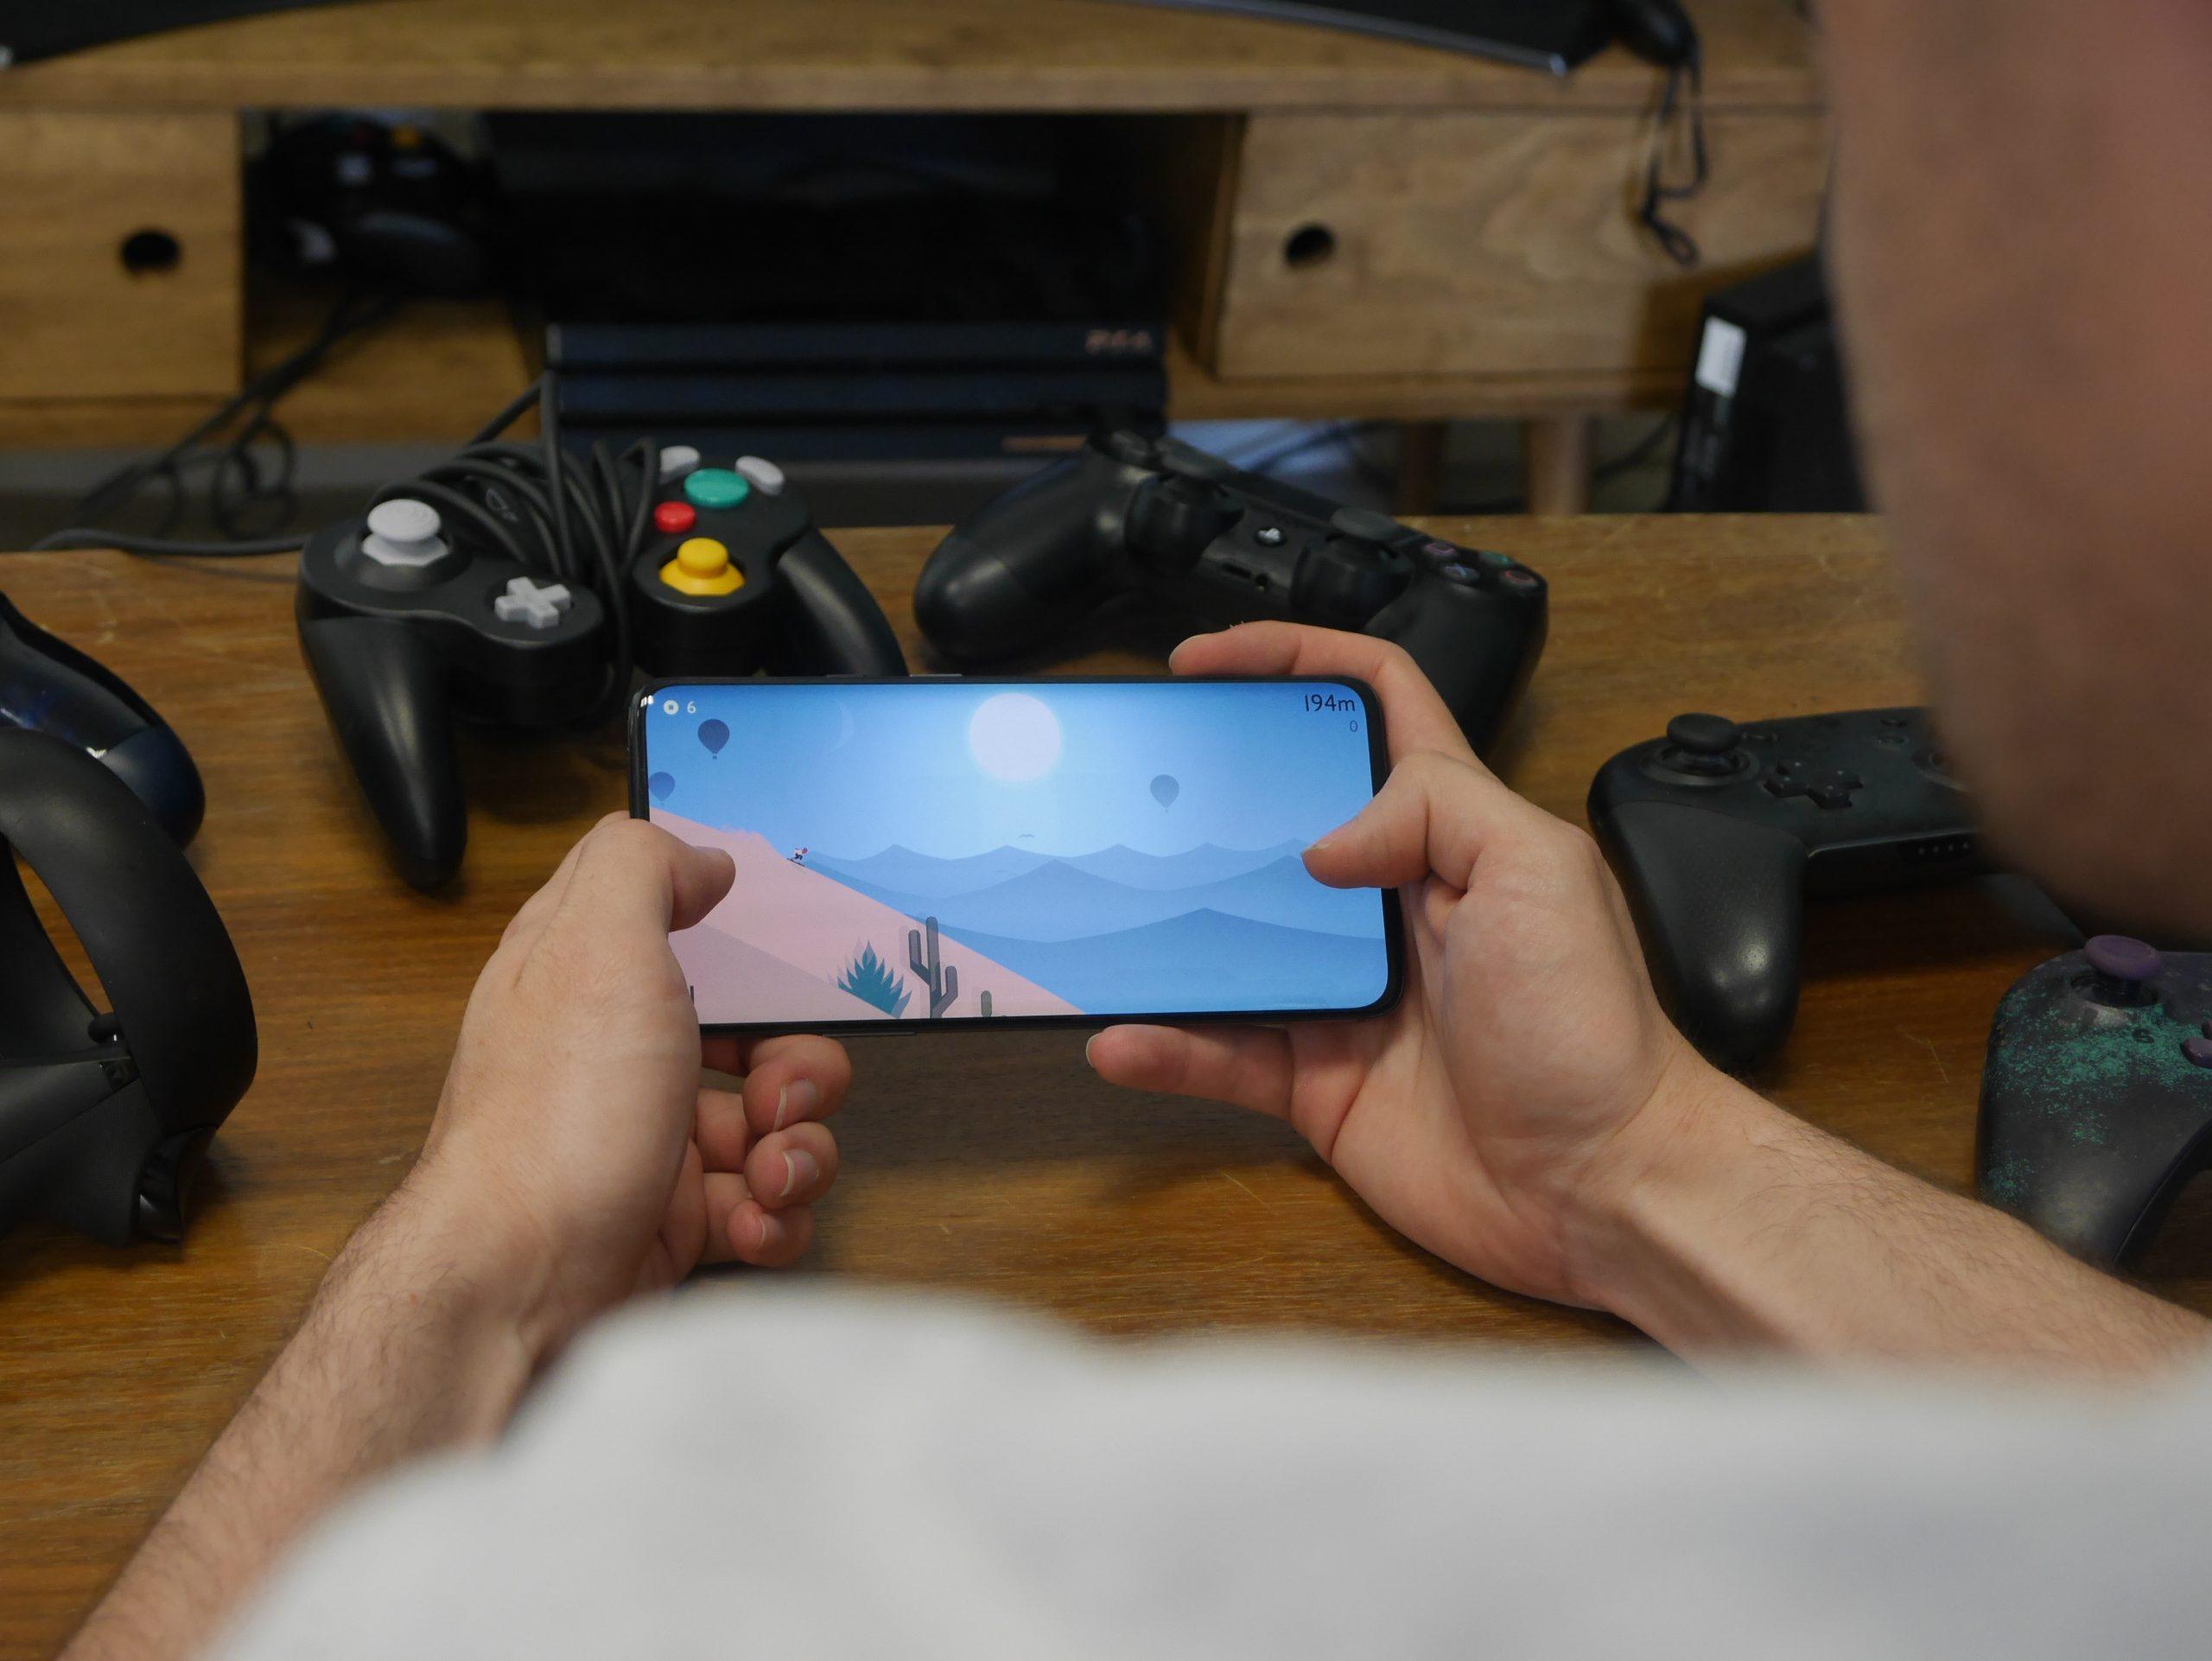 Les Meilleurs Jeux Gratuits Sur Android En 2020 à Jeux Rigolos Gratuits